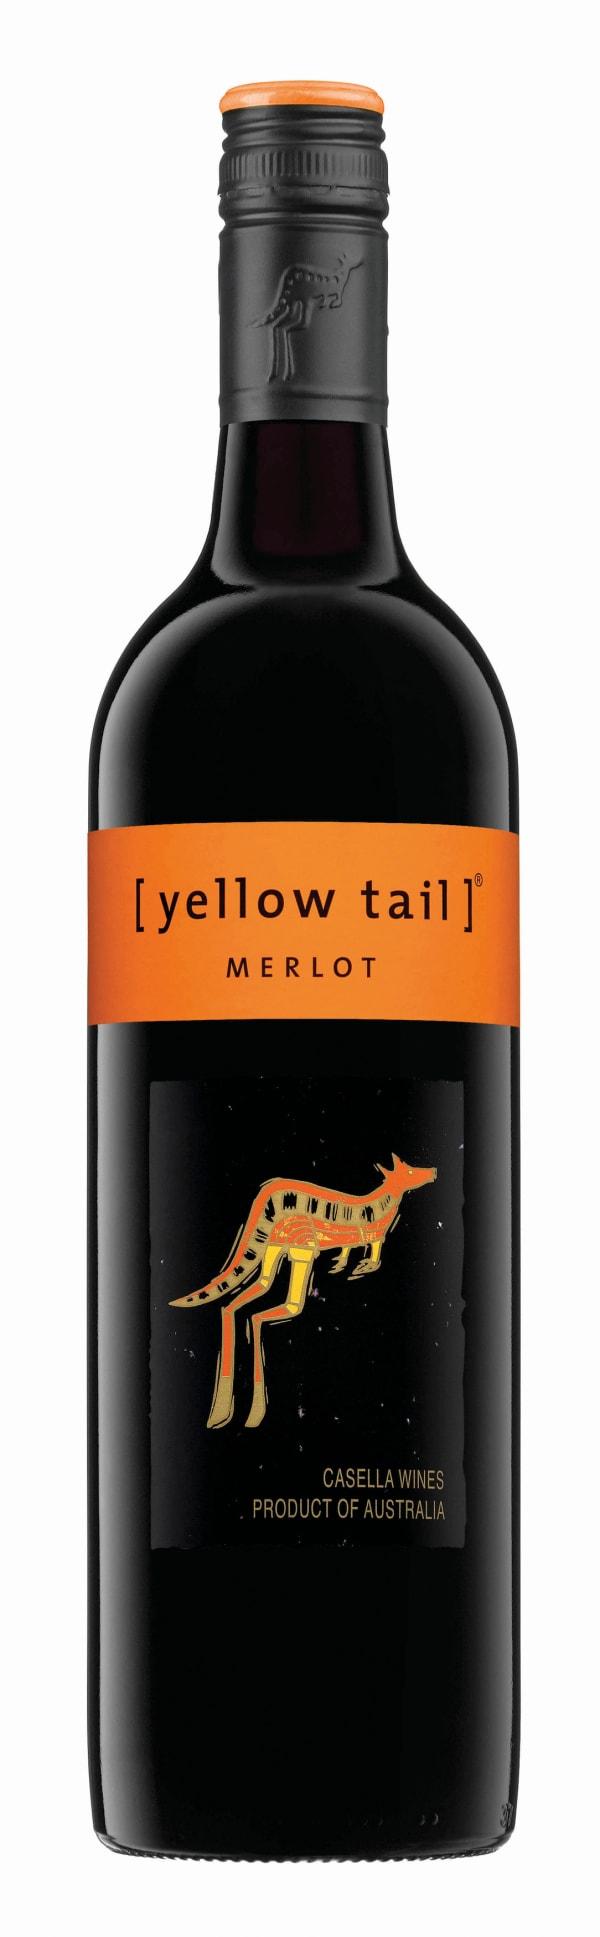 Yellow Tail Merlot 2020